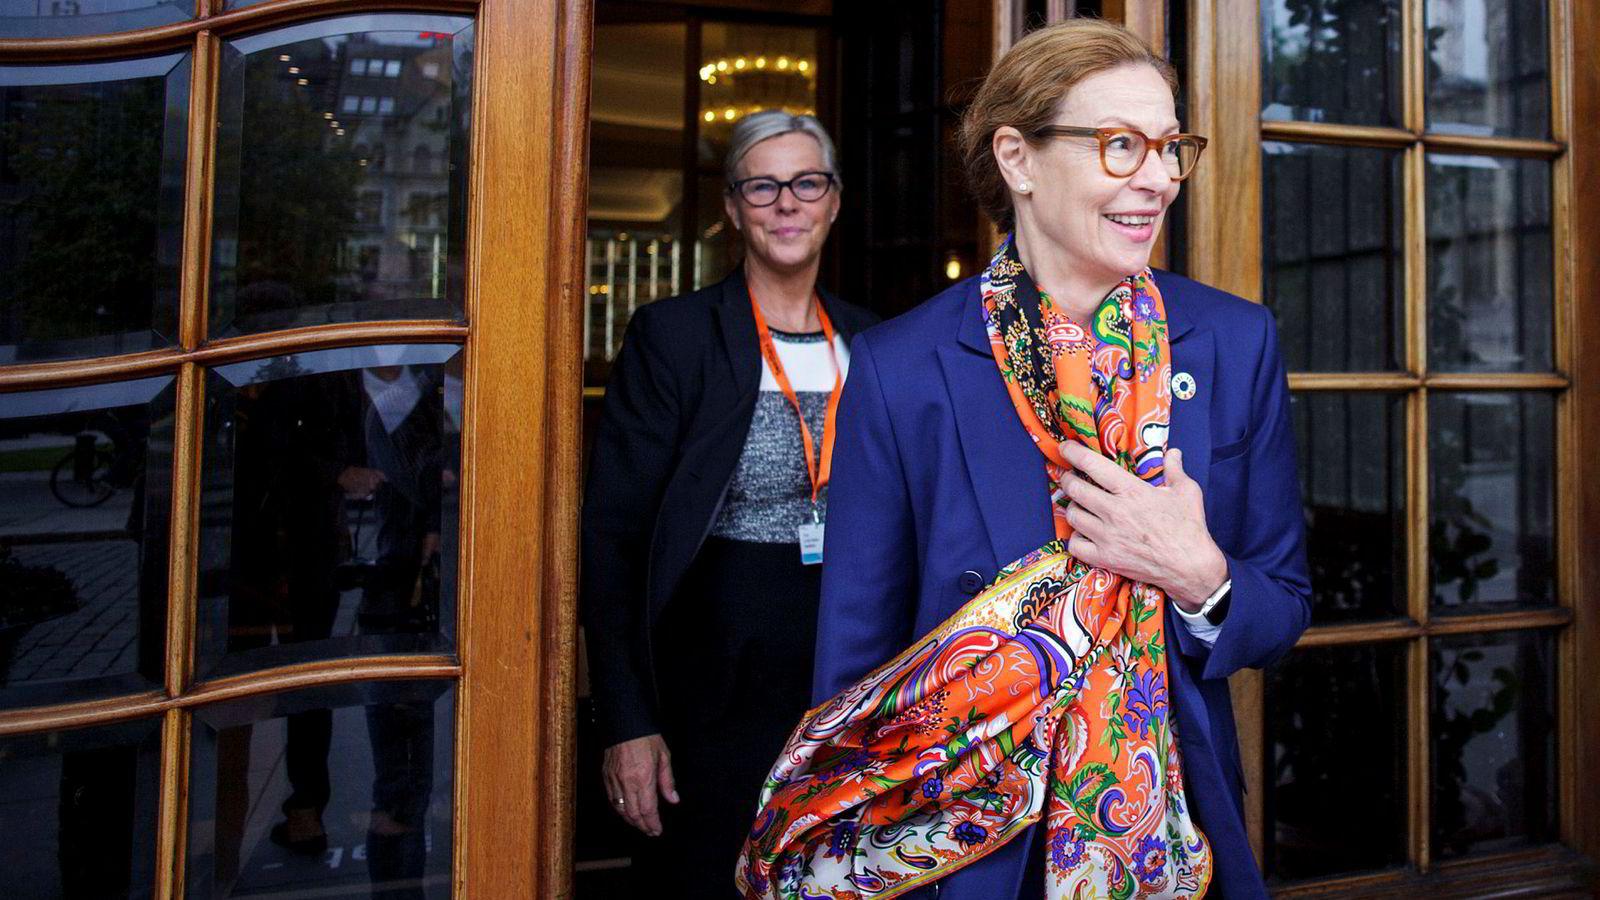 Swedbanks konsernsjef Birgitte Bonnesen (foran) har sagt at hennes bank ikke har vært innblandet i Danske Banks hvitvaskingsskandale i Estland. Bak er Tone Lunde Bakker, leder for Swedbank i Norge.